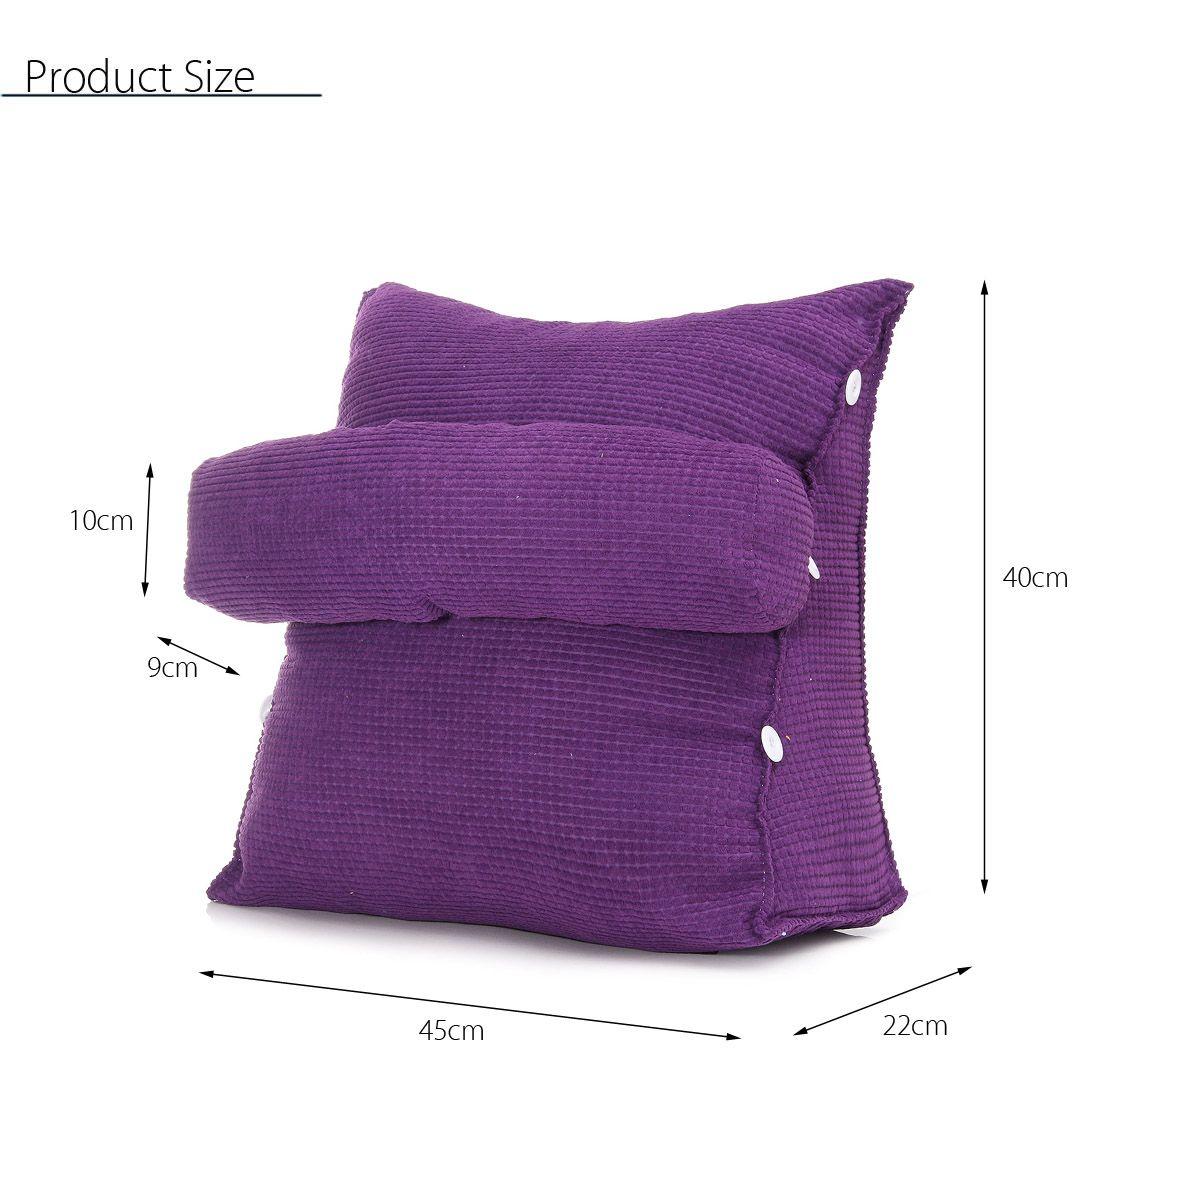 pillow bed backrest office chair pillow